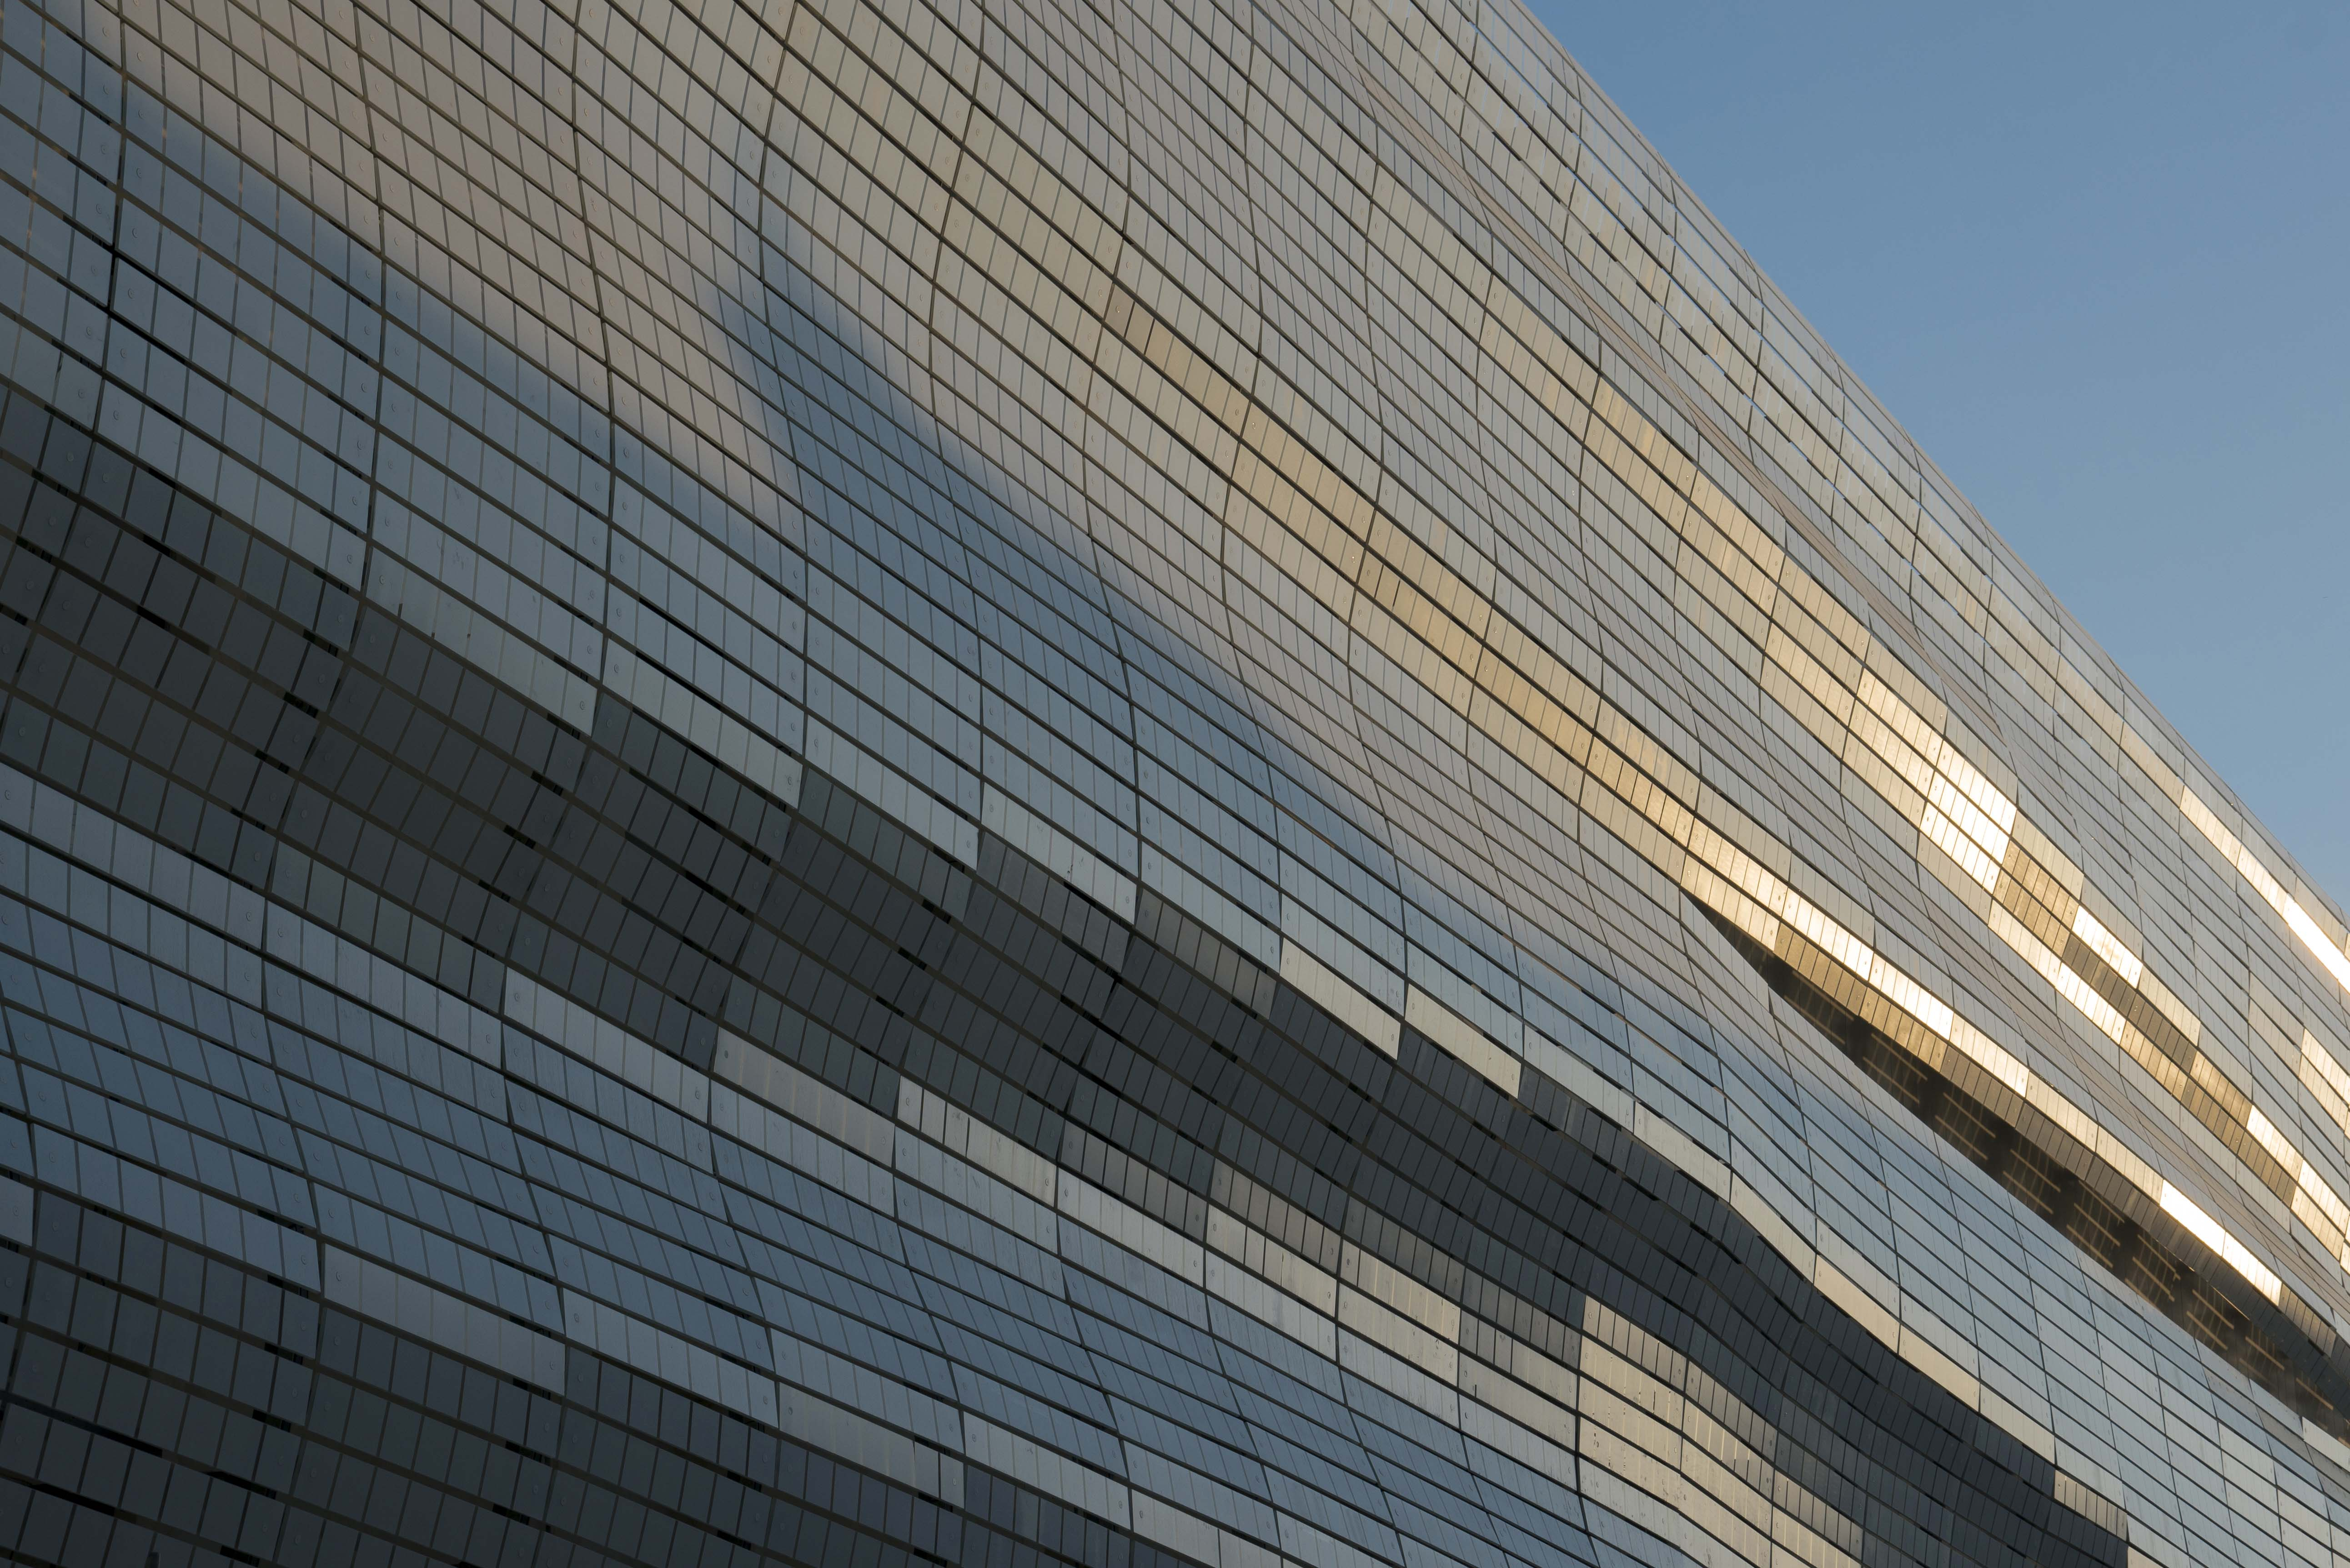 A fachada do Musée de La Romanité, em Nîmes, inaugurado em junho de 2018, reflete as mudanças de luminosidade durante o dia /Foto: Serge Urvoy